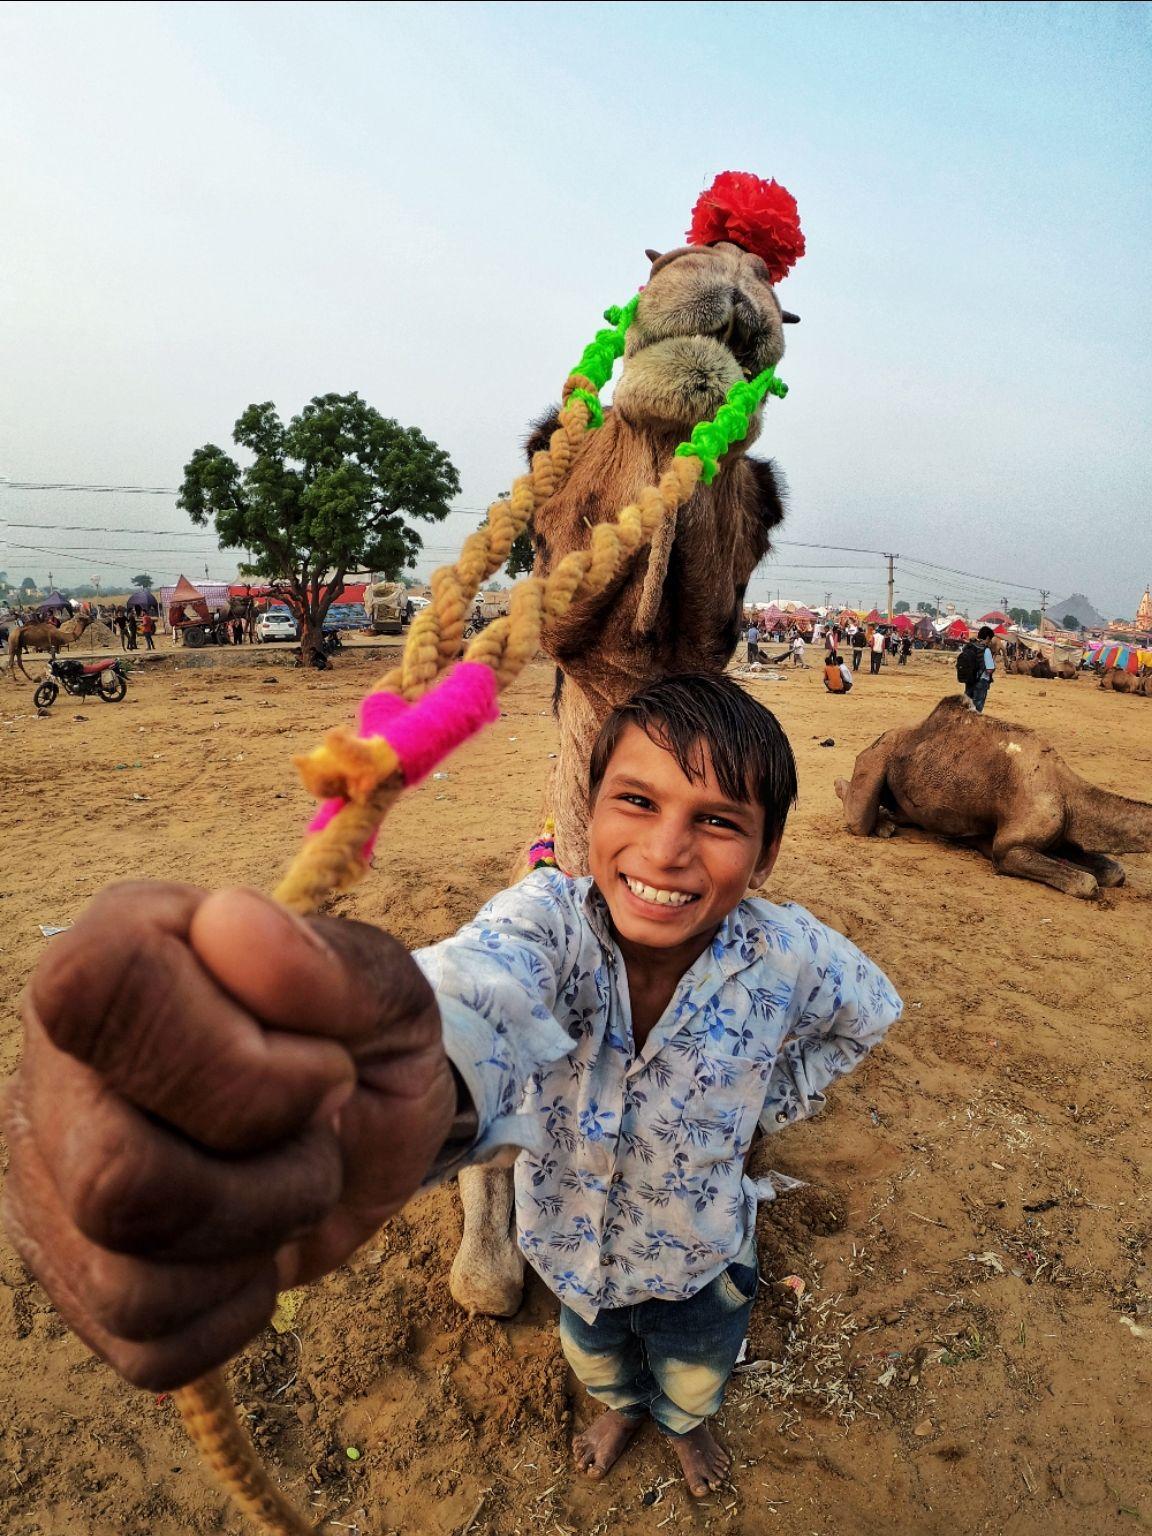 Photo of Pushkar Camel Fair By khanabadosh